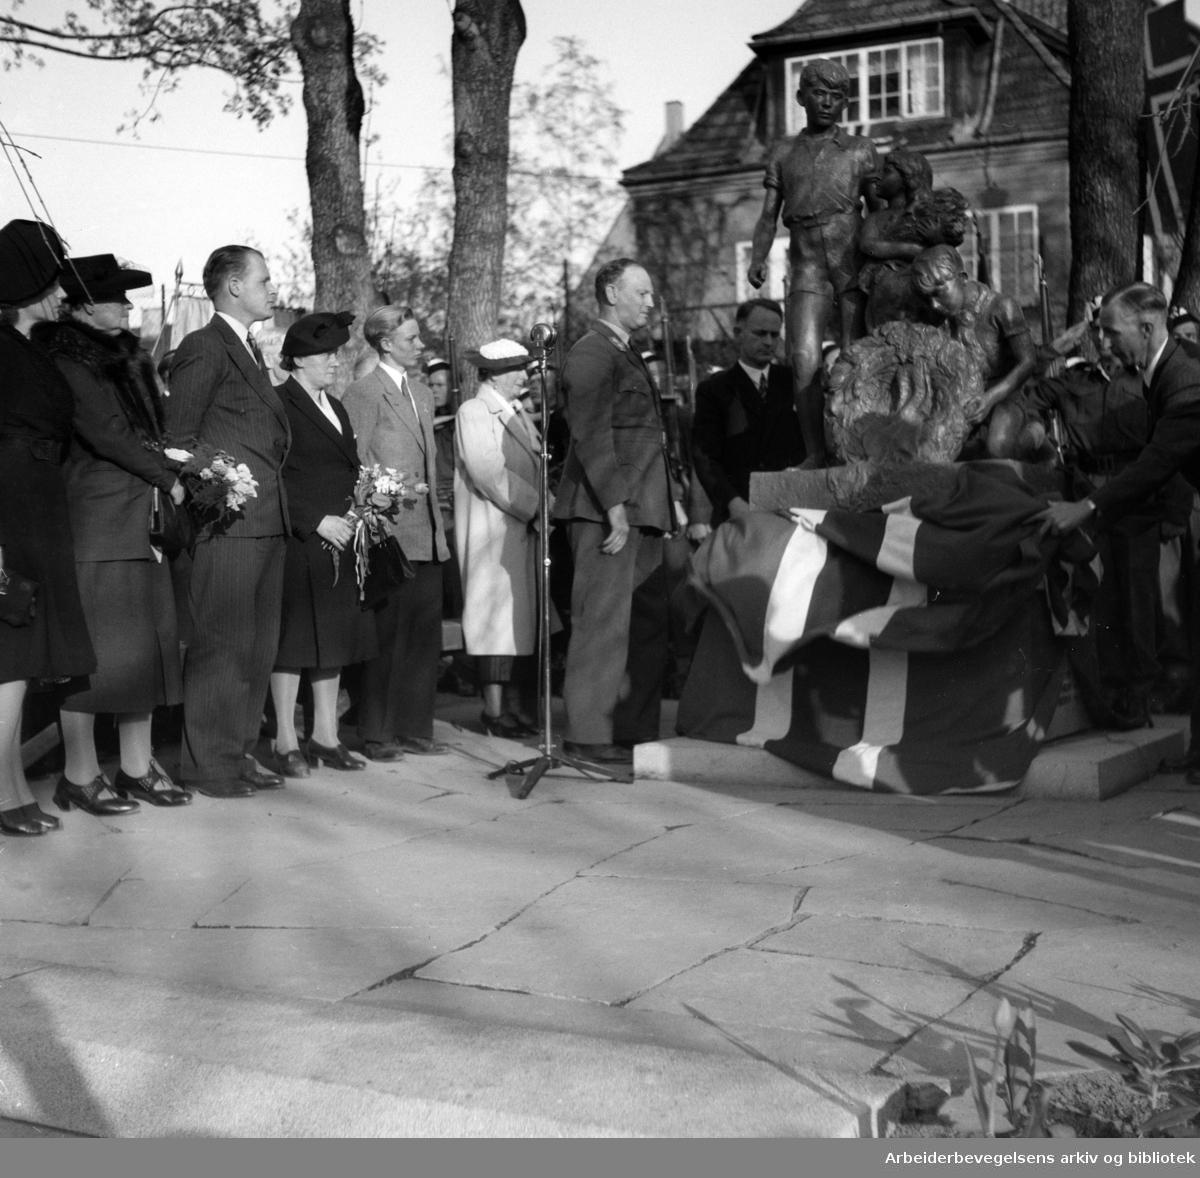 Monumentet over de falne under andre verdenskrig i Ullevål skolekrets, avduket. Nærmest monumentet, generalløytnant Olaf Helset og formannen i monumentkomiteen, dr. phil. Sigurd Willoch. Mai 1948.